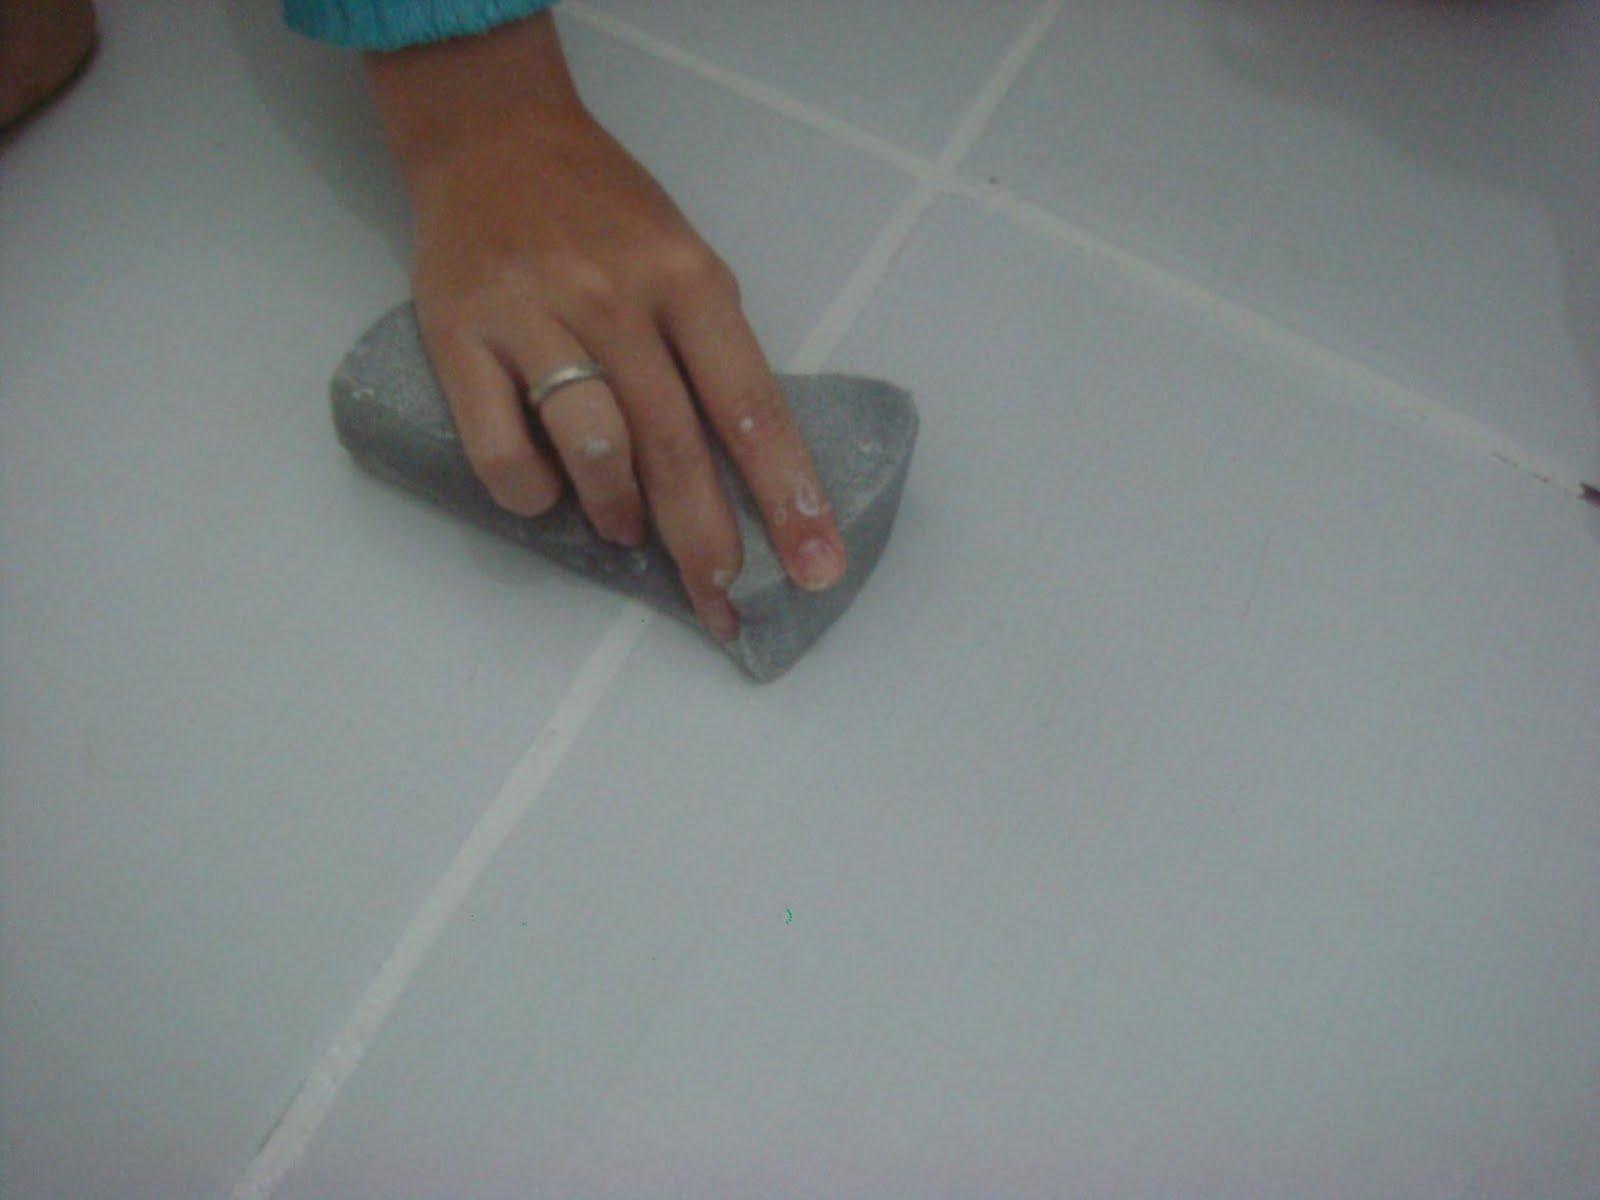 os dedos antes de manusear o produto para que ele não grude na mão #65483B 1600x1200 Azulejo De Banheiro Como Limpar